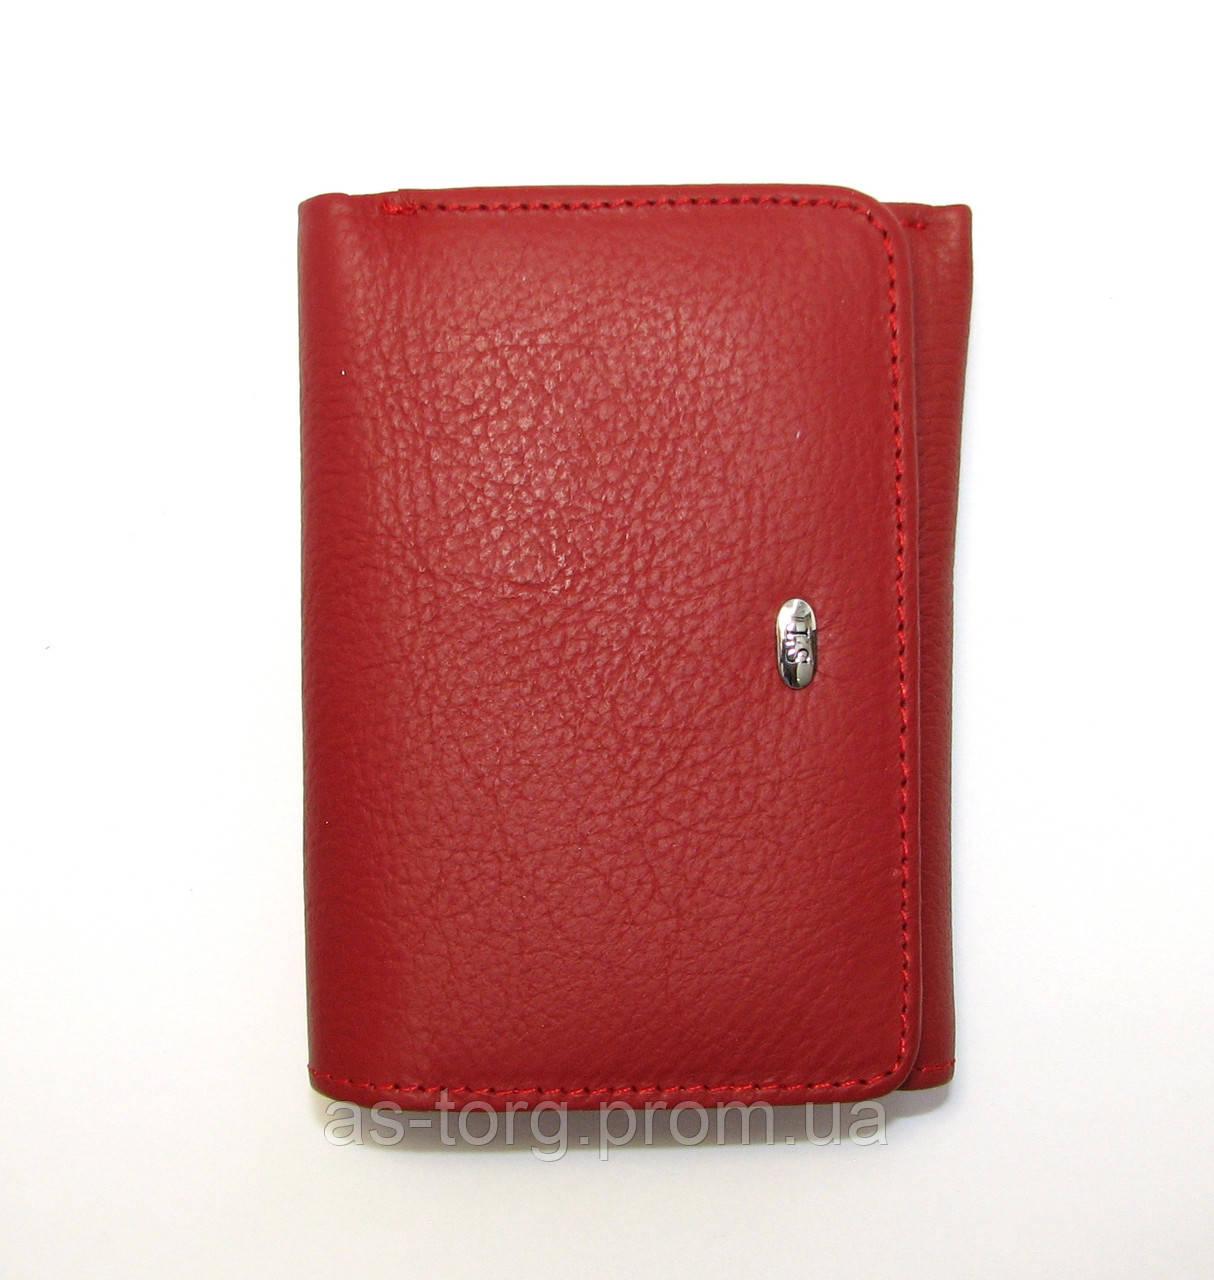 Кошелек кожаный красный удобный для маленьких сумочек  продажа, цена ... ff295696298